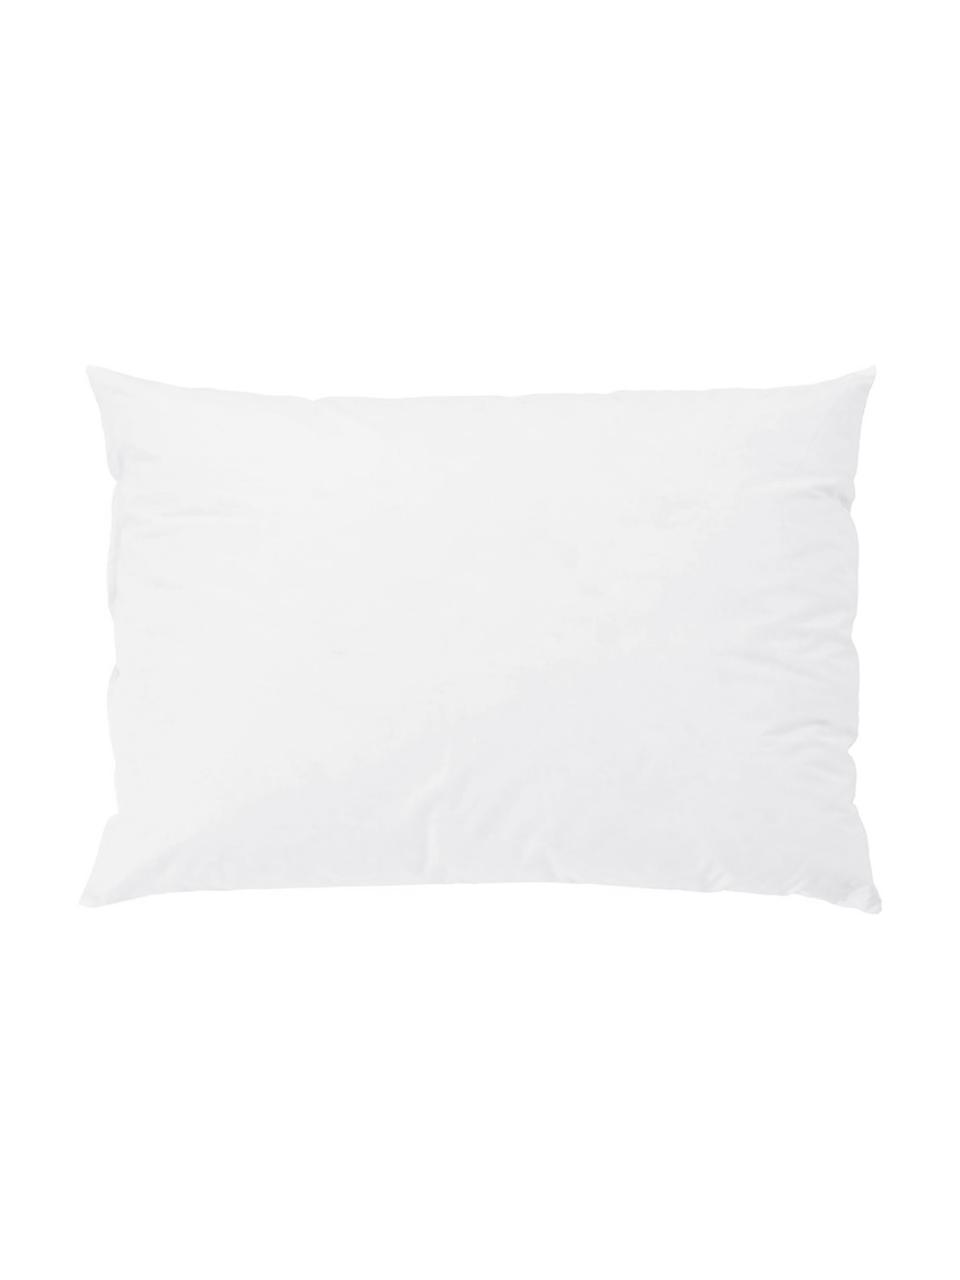 Kissen-Inlett Comfort, 40x60, Feder-Füllung, Weiß, 40 x 60 cm